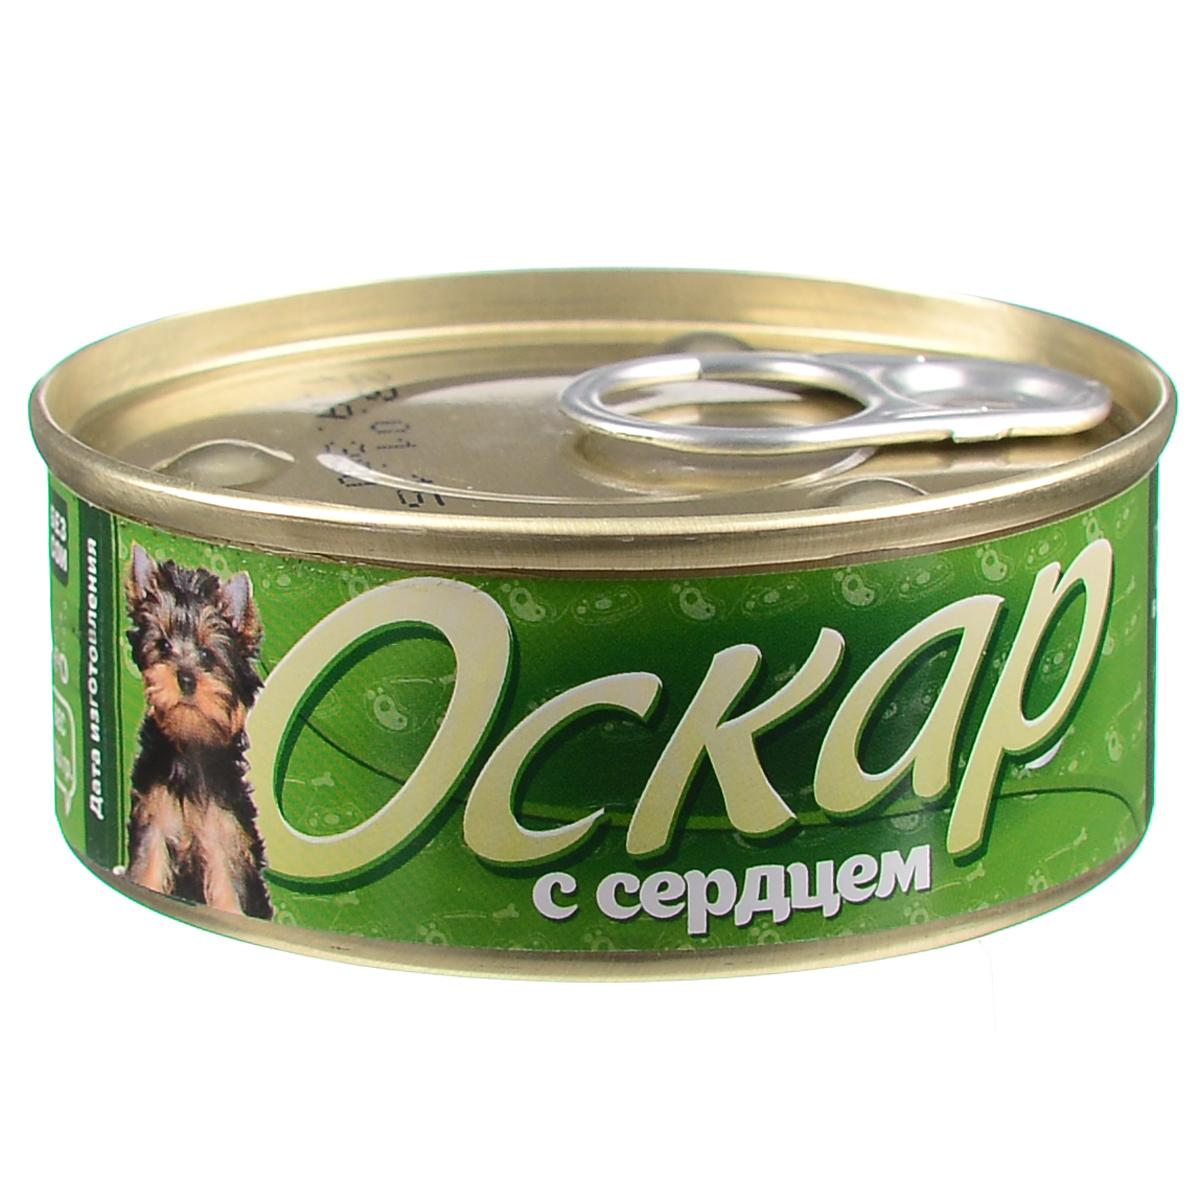 Консервы для собак Оскар, с сердцем, 100 г0120710Консервы для собак Оскар изготовлены из натурального мясного сырья. Не содержат сои, ароматизаторов, искусственных красителей, ГМО. Состав: говядина, сердце, субпродукты, растительное масло, натуральная желеобразующая добавка, вода. Пищевая ценность (100 г): протеин 14%, жир 4%, углеводы 4%, клетчатка 0,1%, зола 2%, влага 80%. Энергетическая ценность (на 100 г): 108 кКал. Товар сертифицирован.